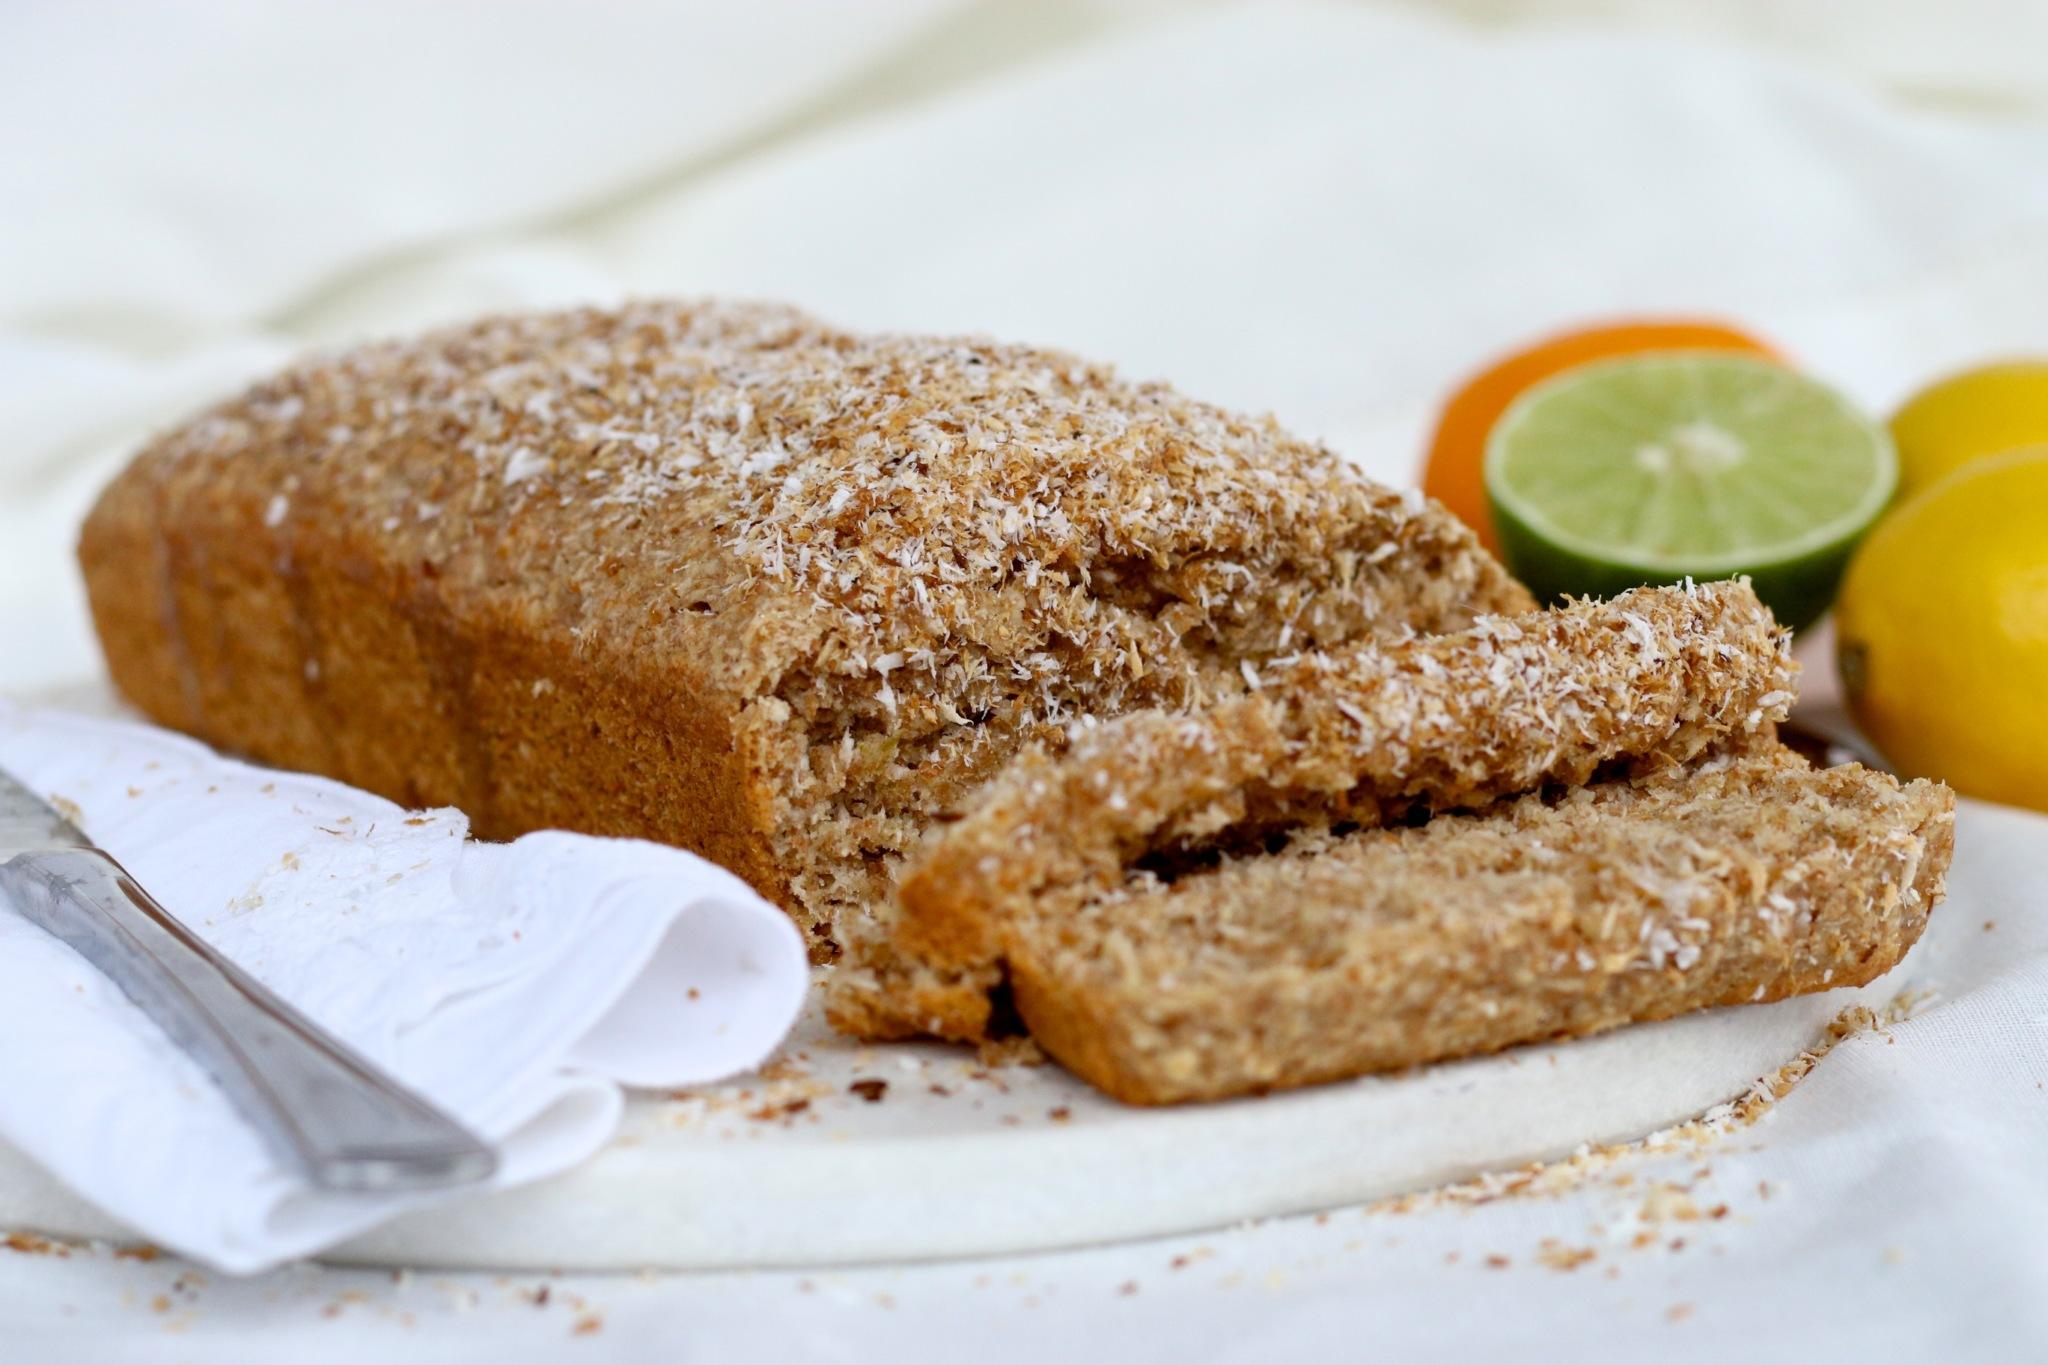 Pan de coco y limon con glace de jugo de limon y espolvoreado con coco tostado-piloncilloyvainilla.com